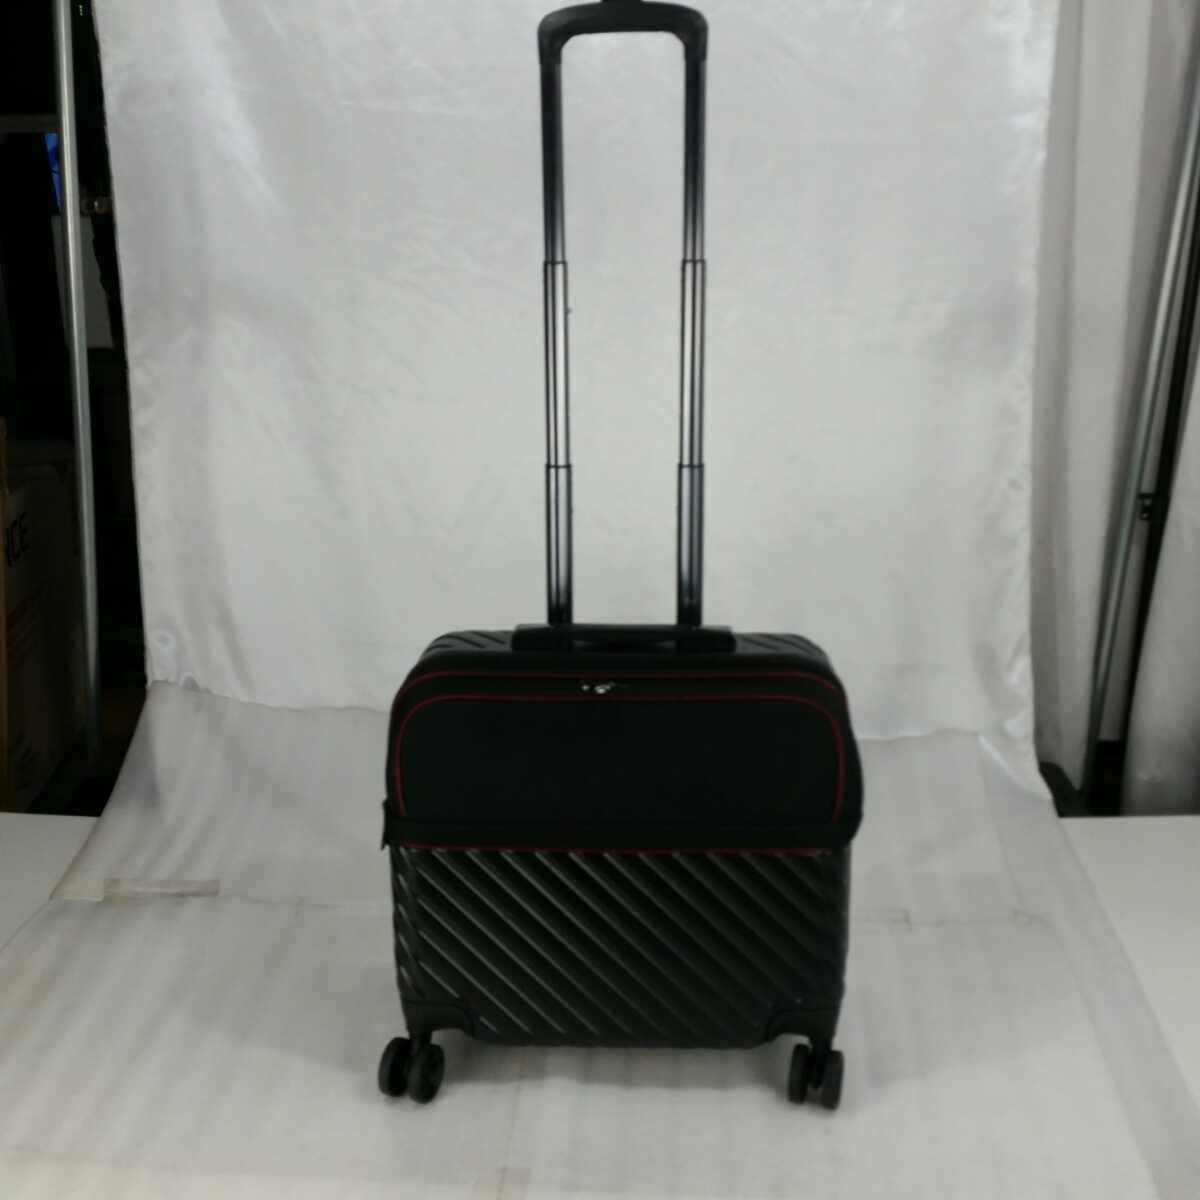 ス111 Sサイズ 横型 フロントオープン スーツケース キャリーケース 機内持ち込み 拡張機能 ブラック_画像4